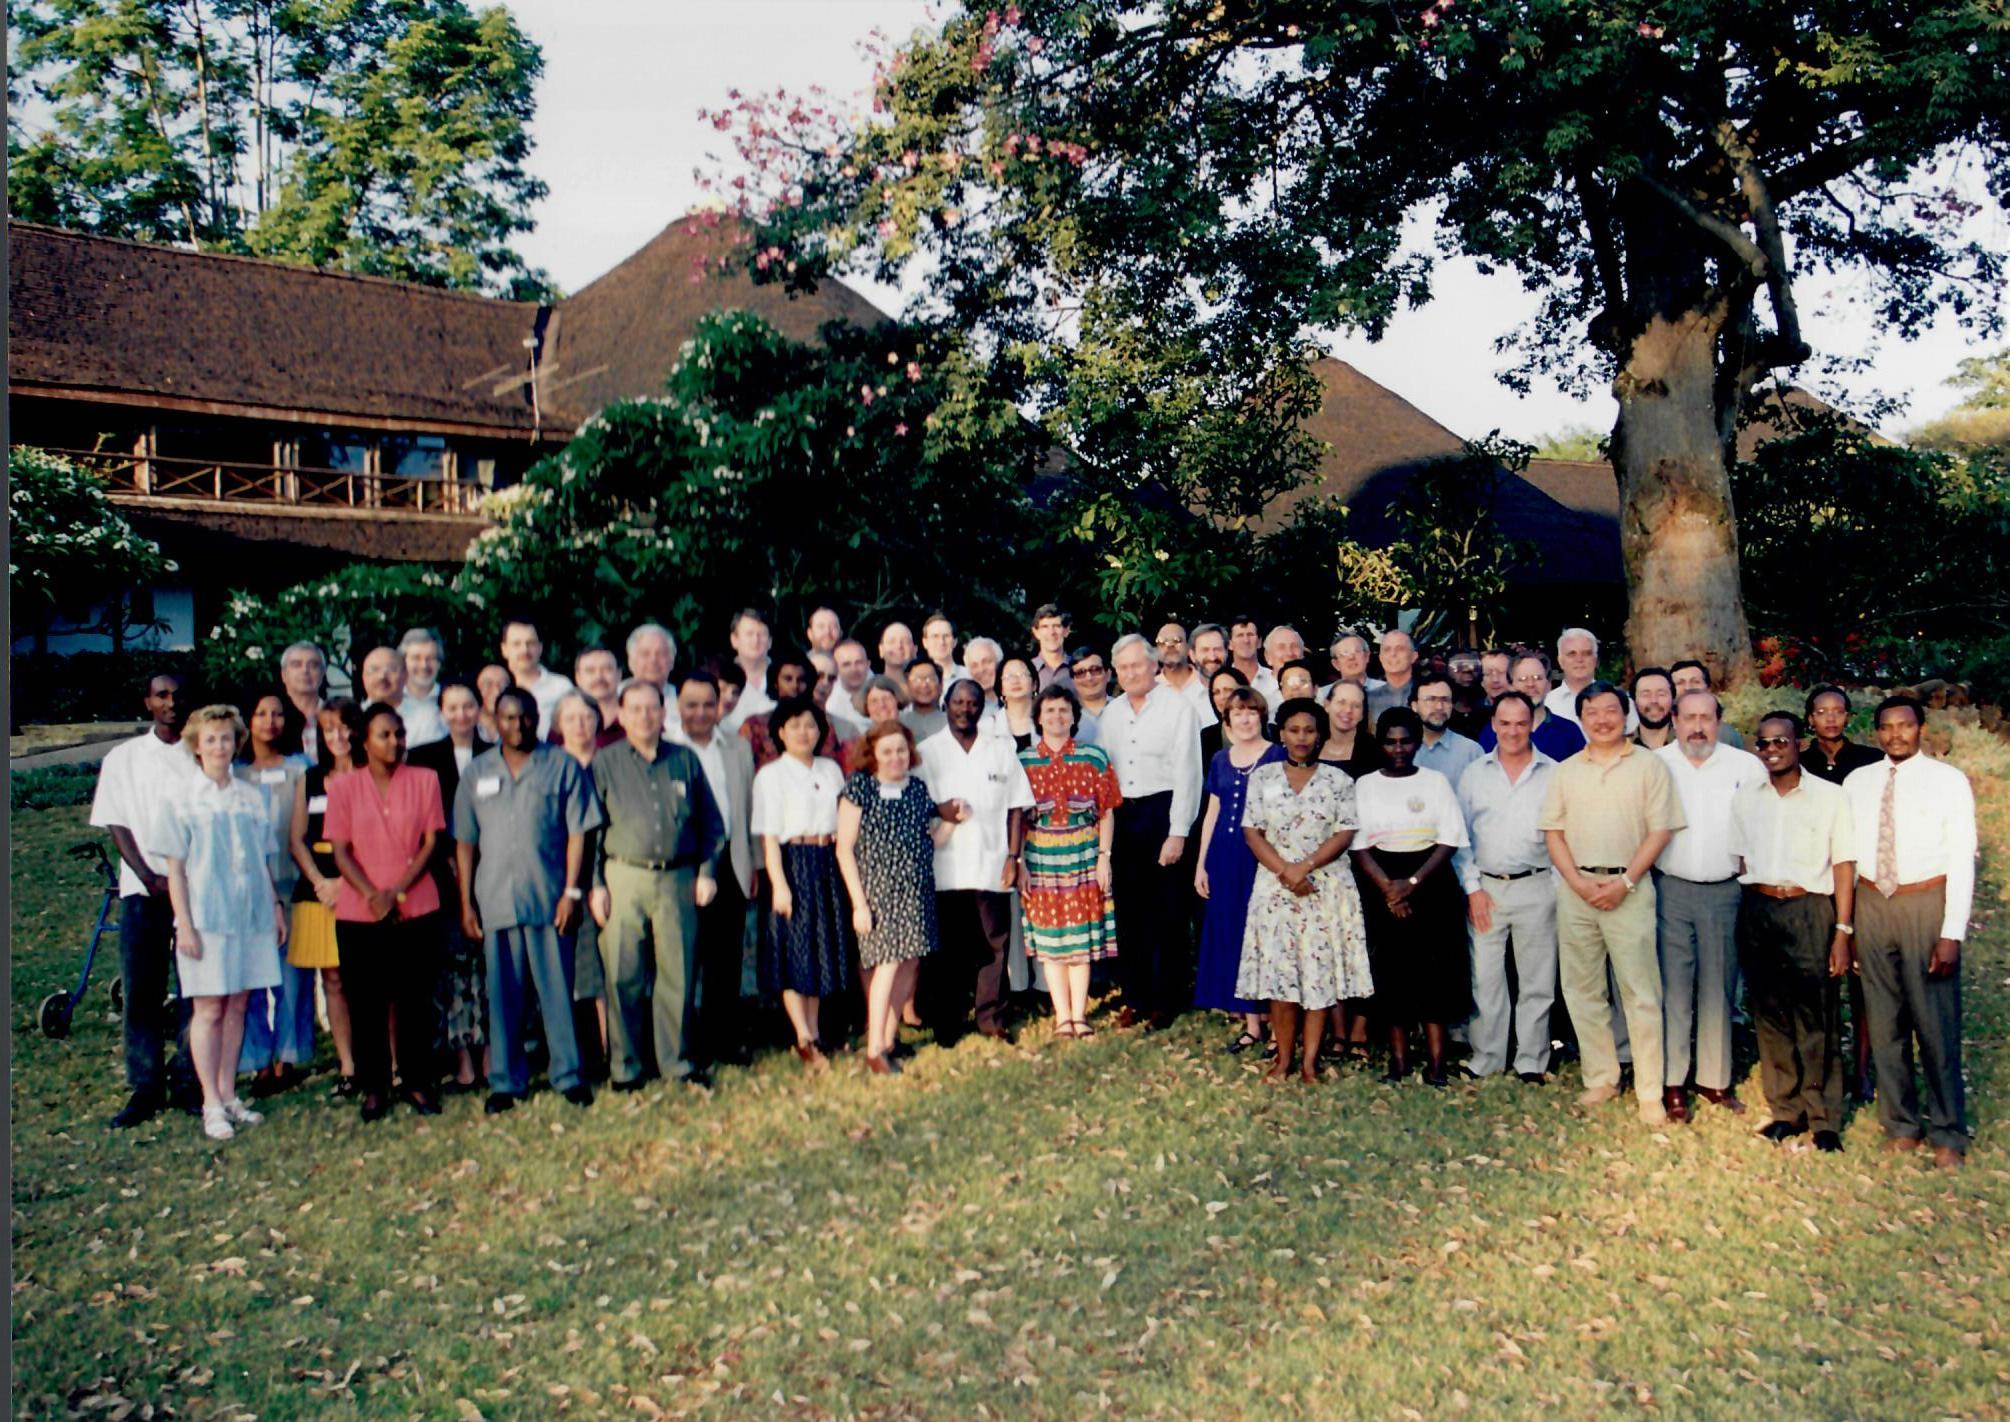 WFP Staff Retreat in Kenya (1997)